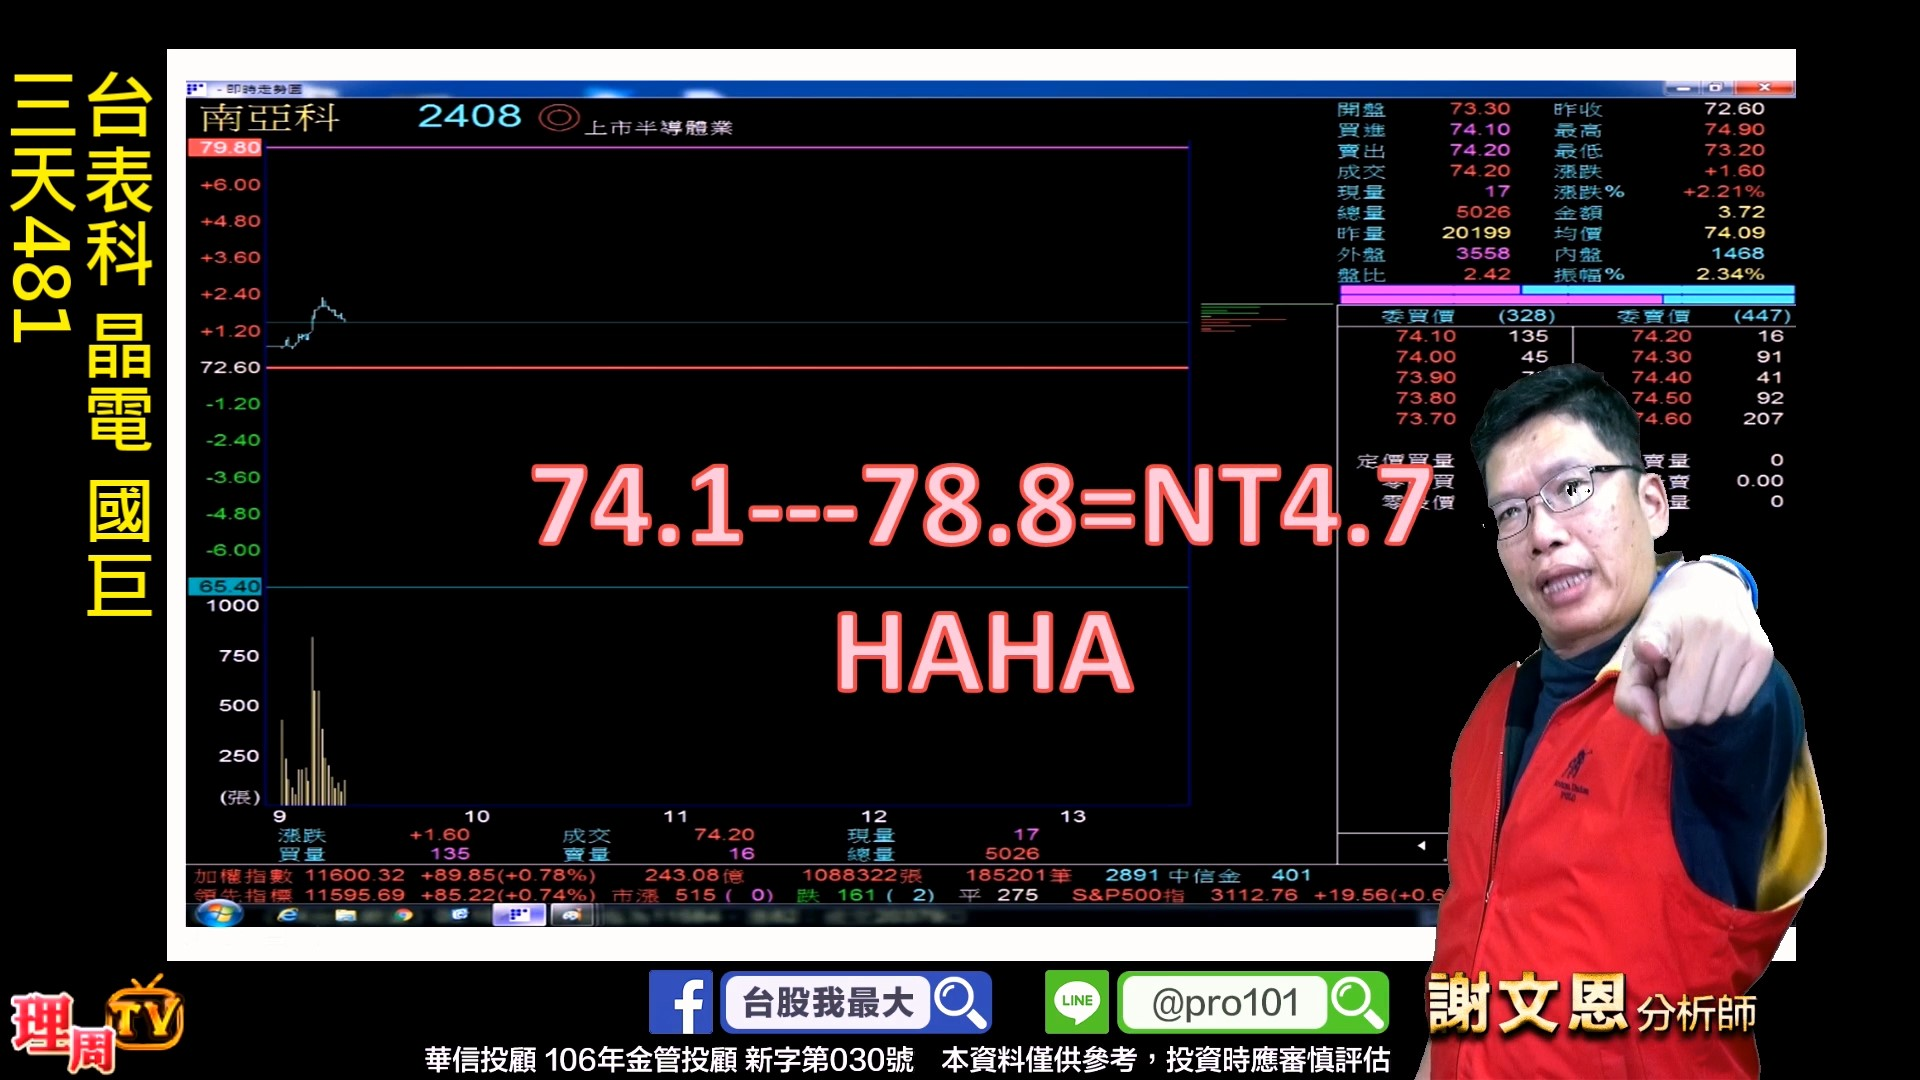 1205_台表科 晶電 國巨 三天481